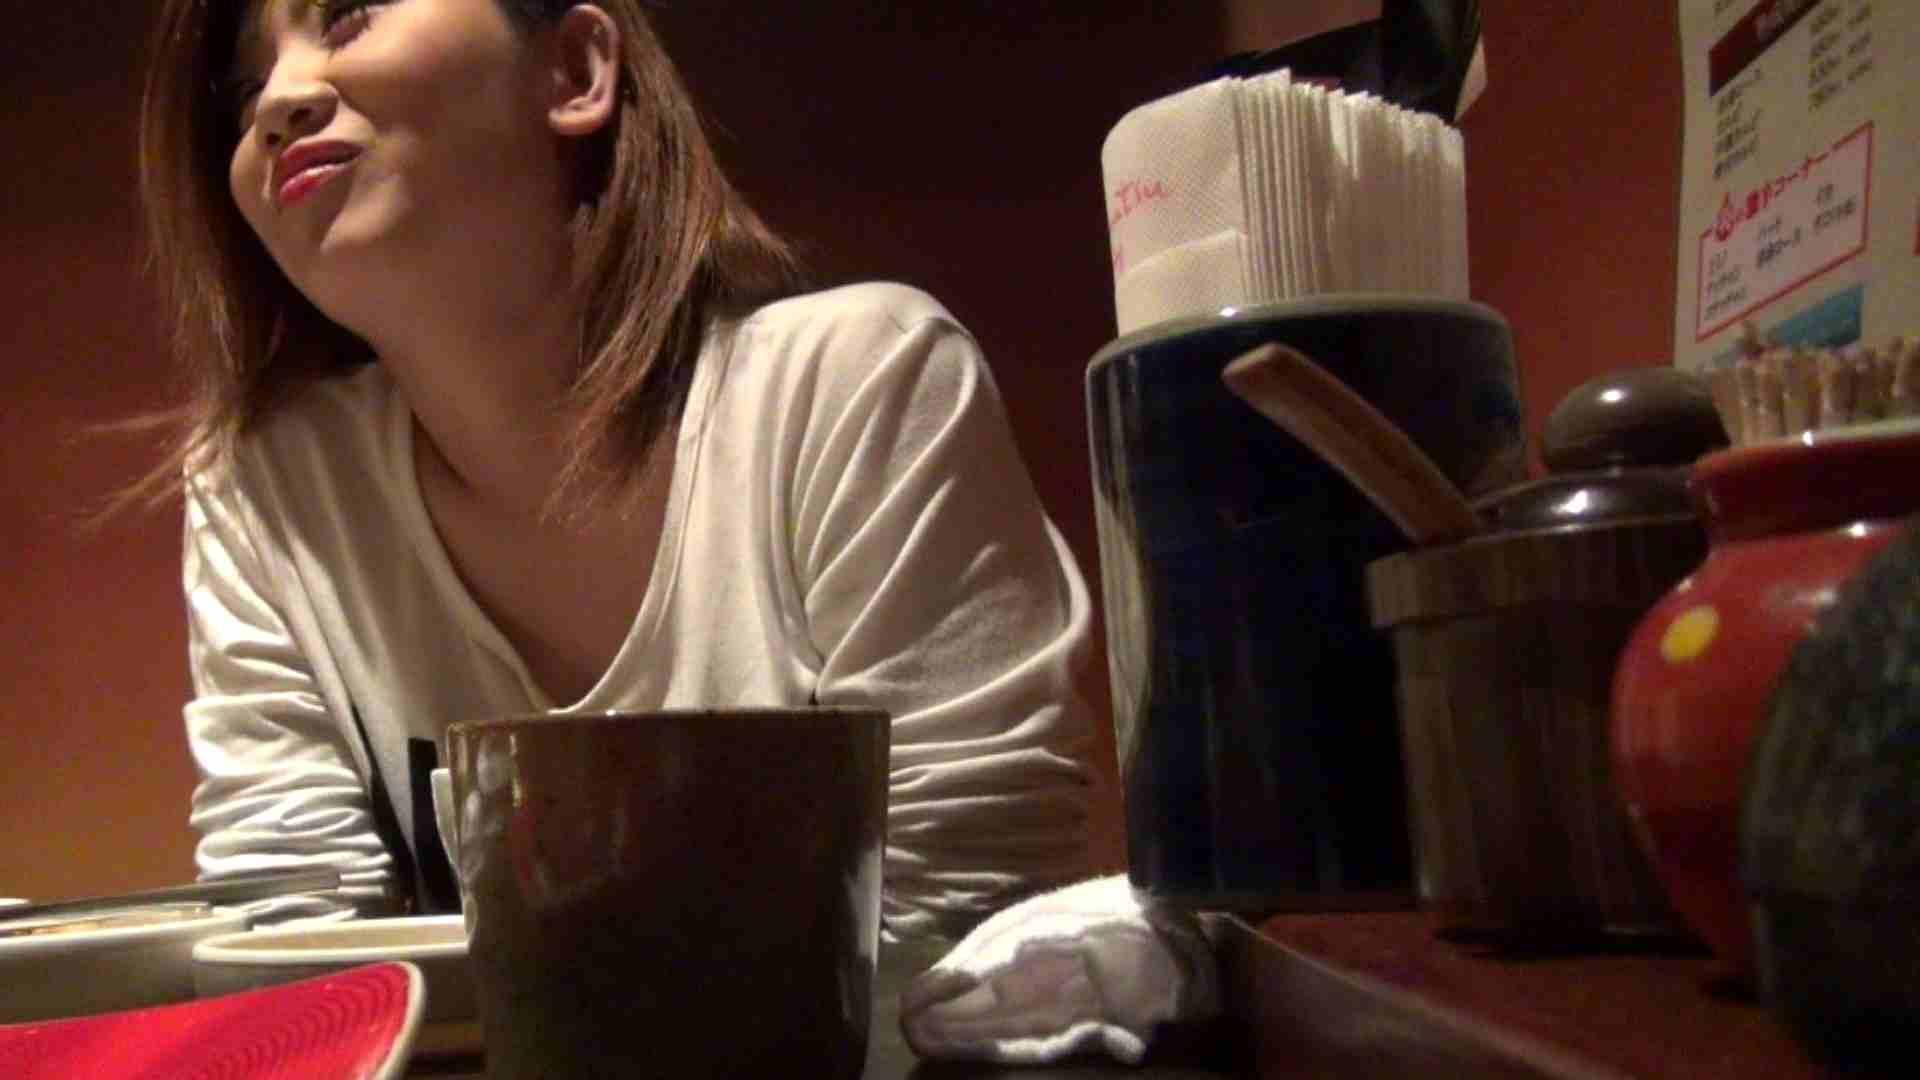 【出会い01】大助さんMちゃんと食事会 エッチすぎる友人  54連発 18